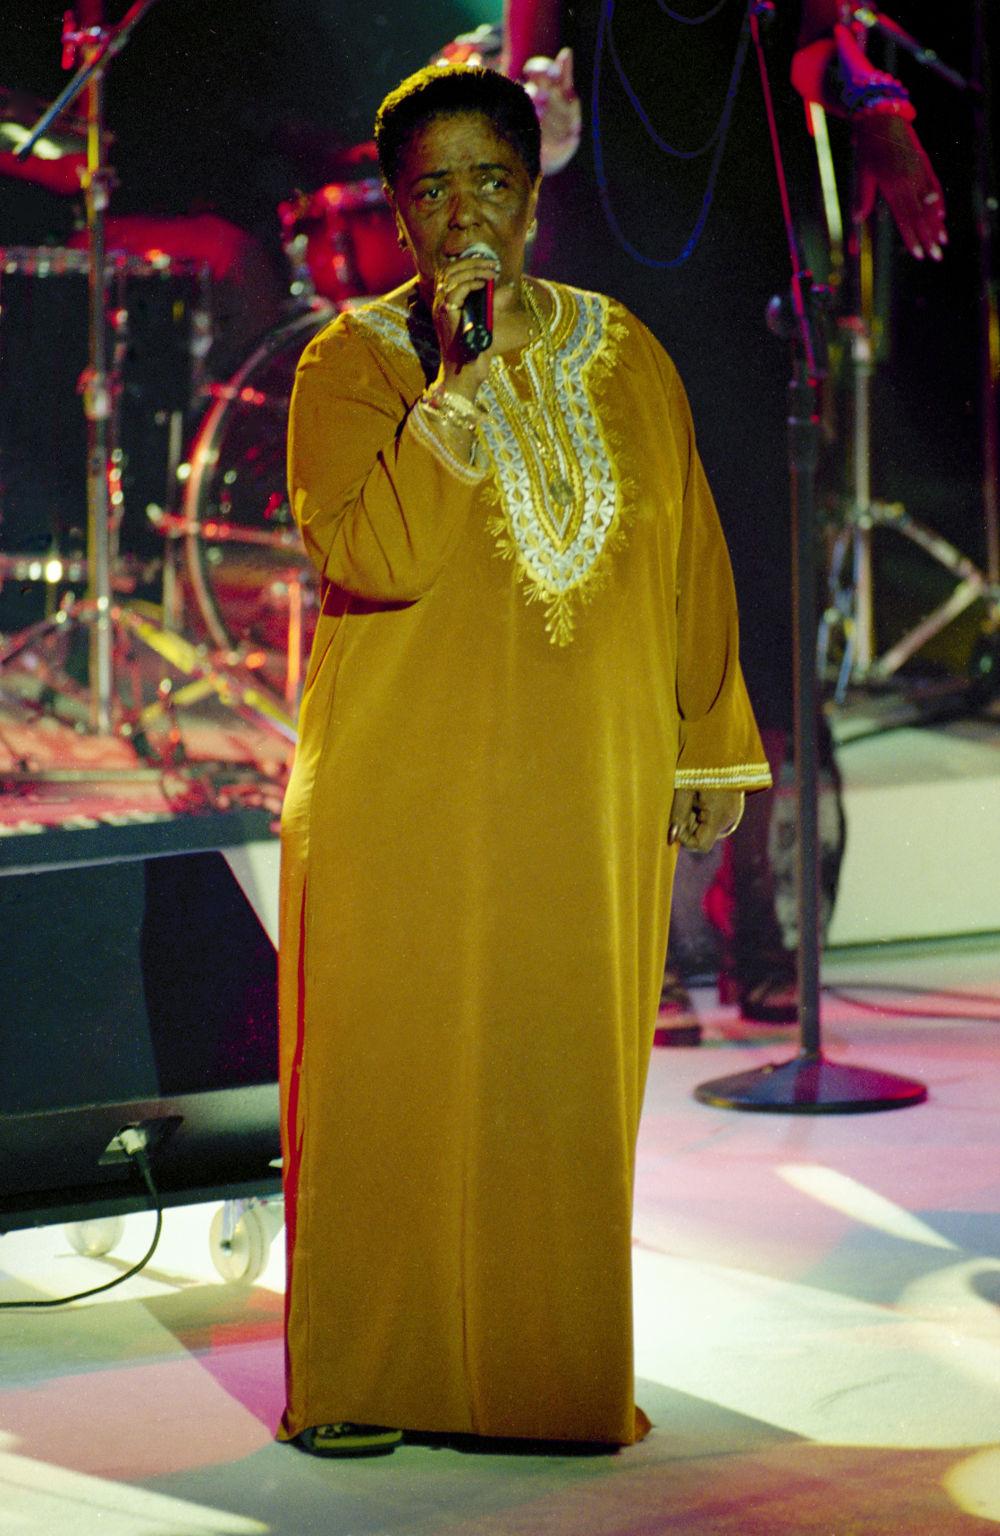 Η Σεζάρια Εβόρα σε μια από τις δωρικές της εμφανίσεις επί σκηνής